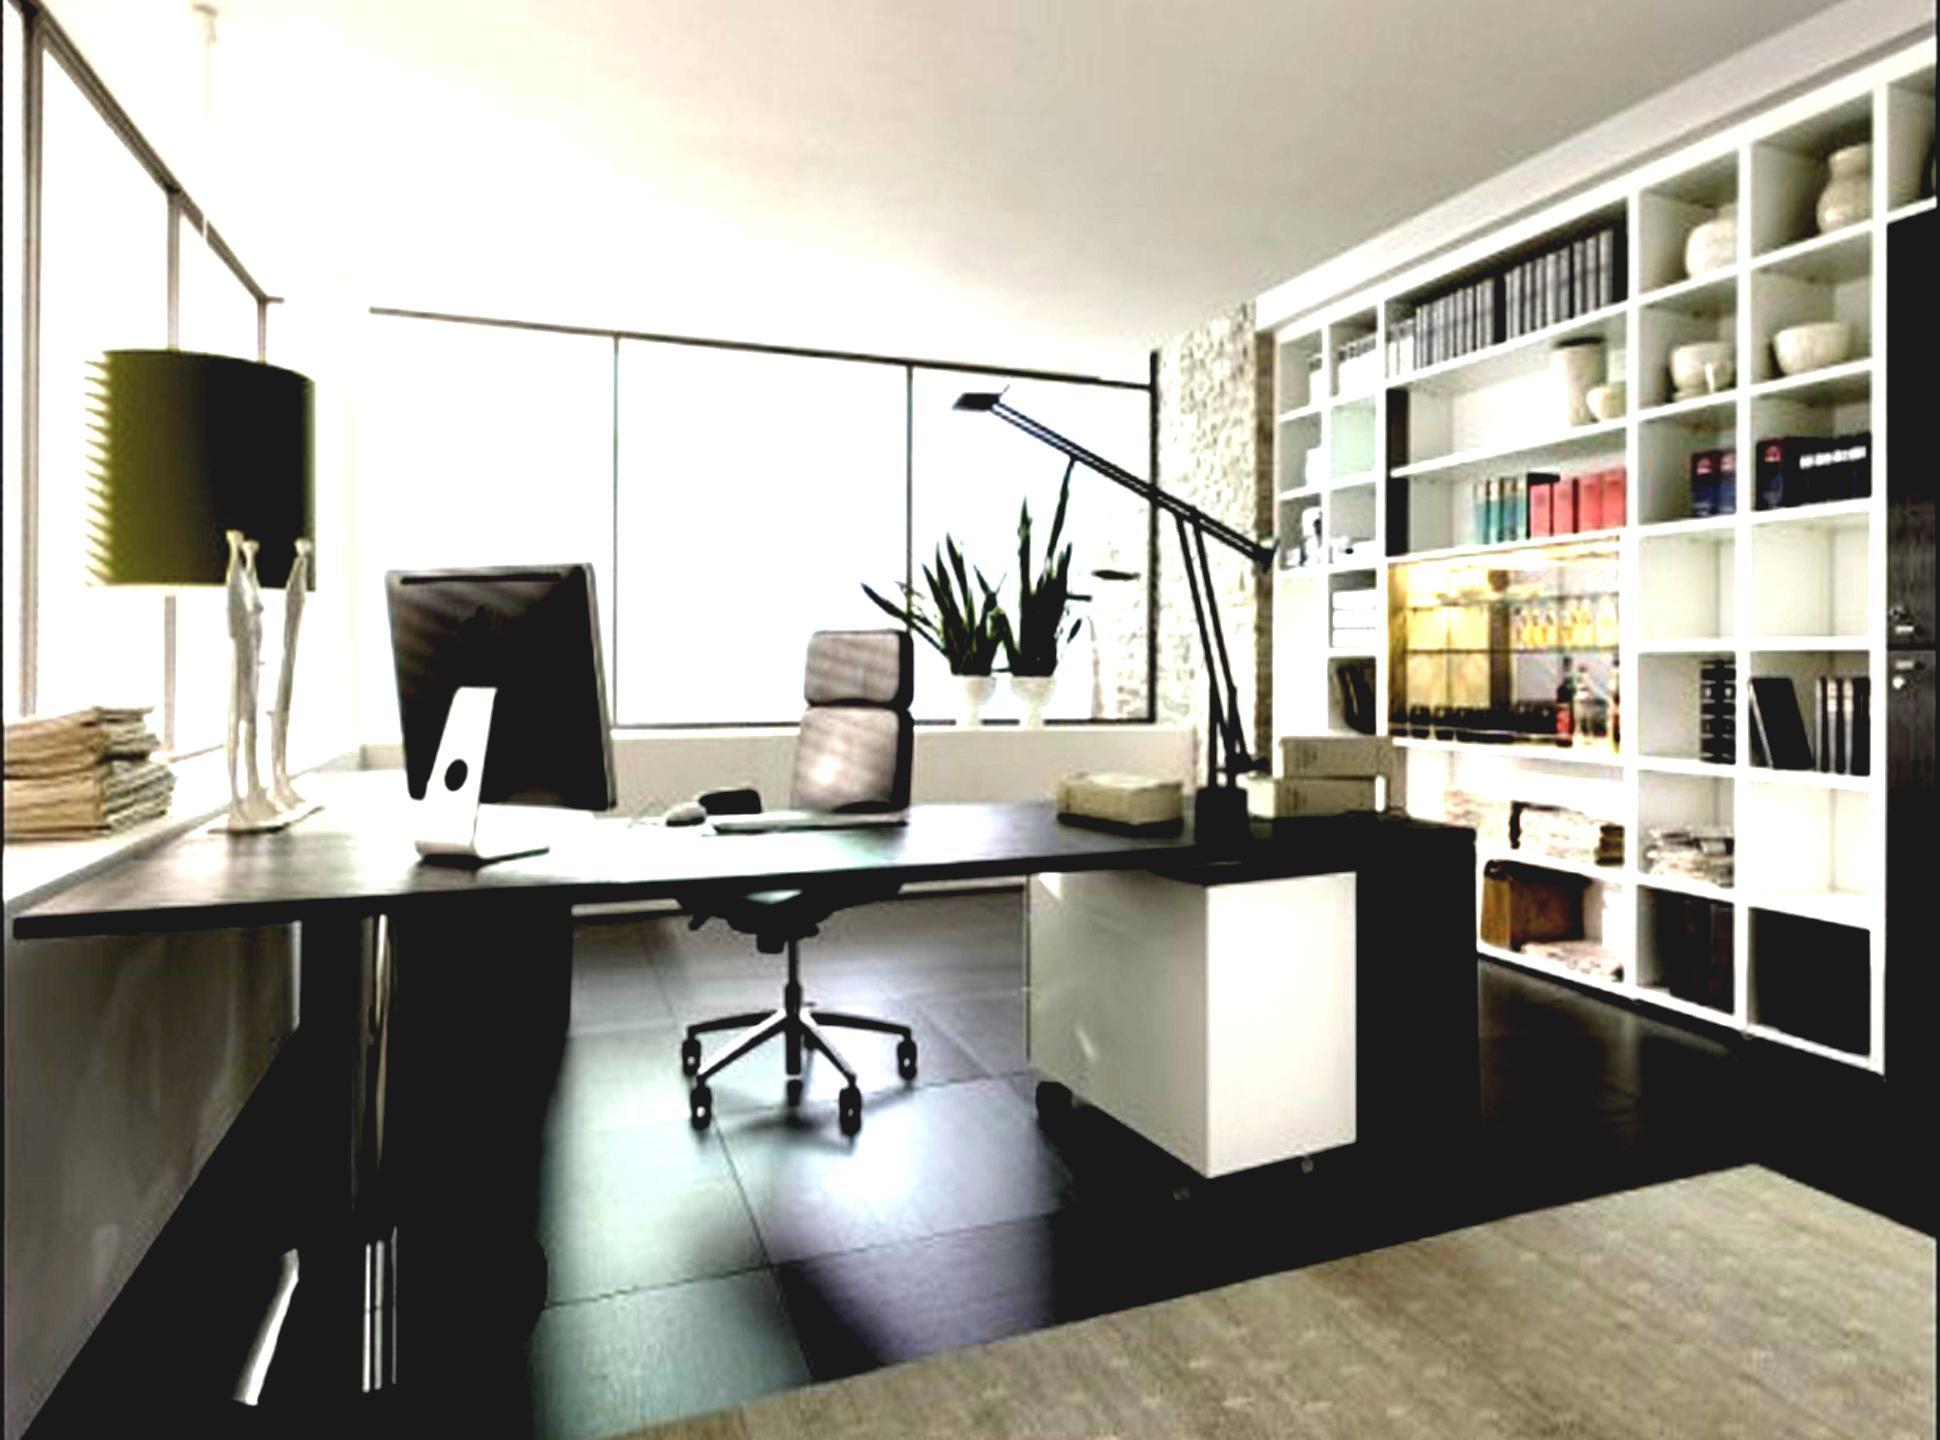 Interior design lace - How to become a home designer ...